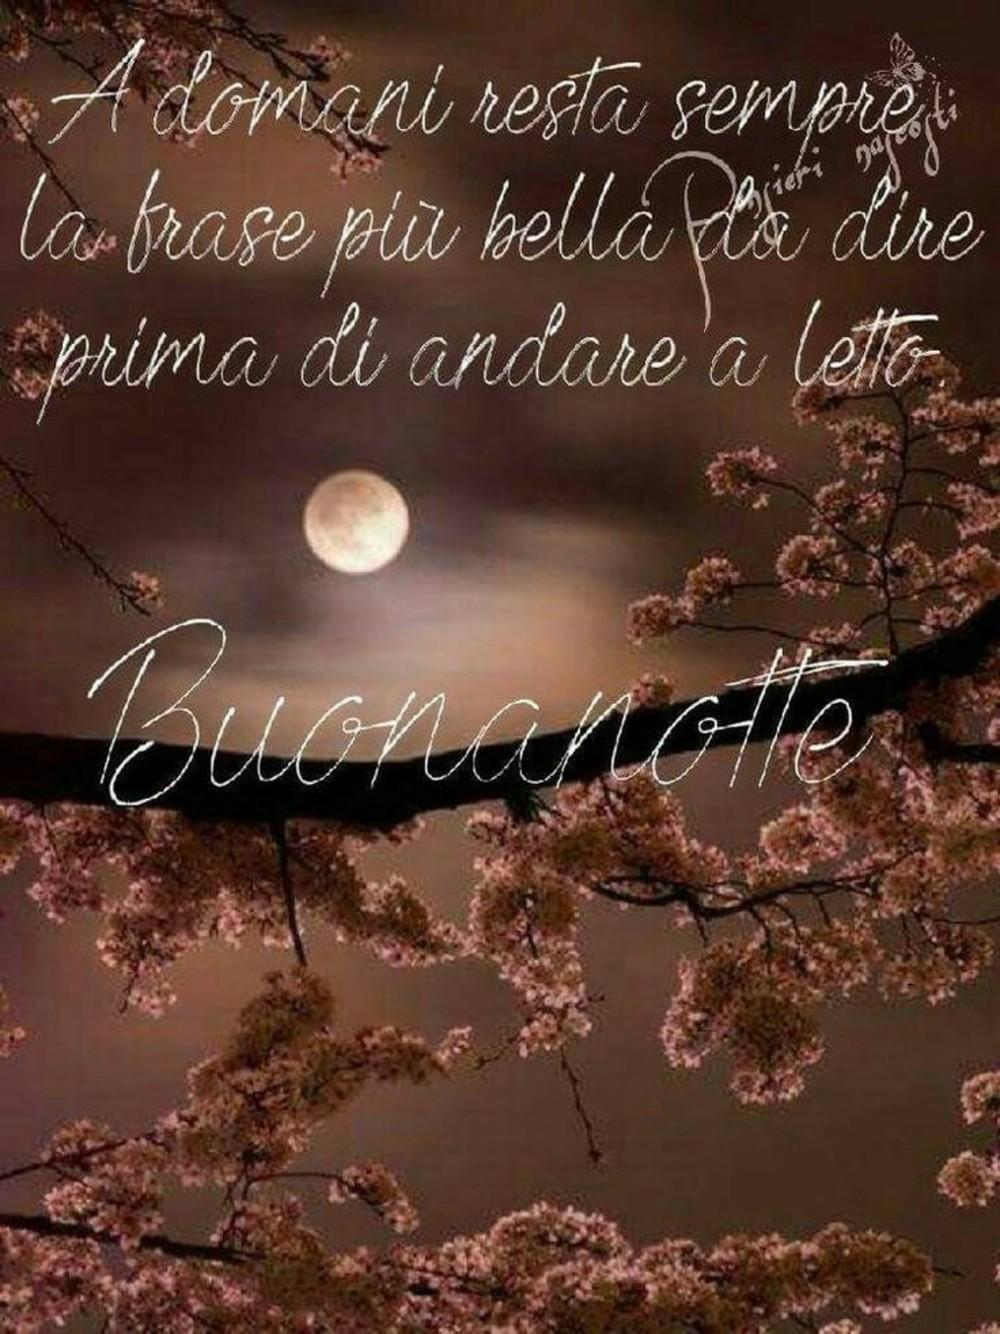 Buonanotte Bellissime Immagini 2188 Buongiornissimocaffe It